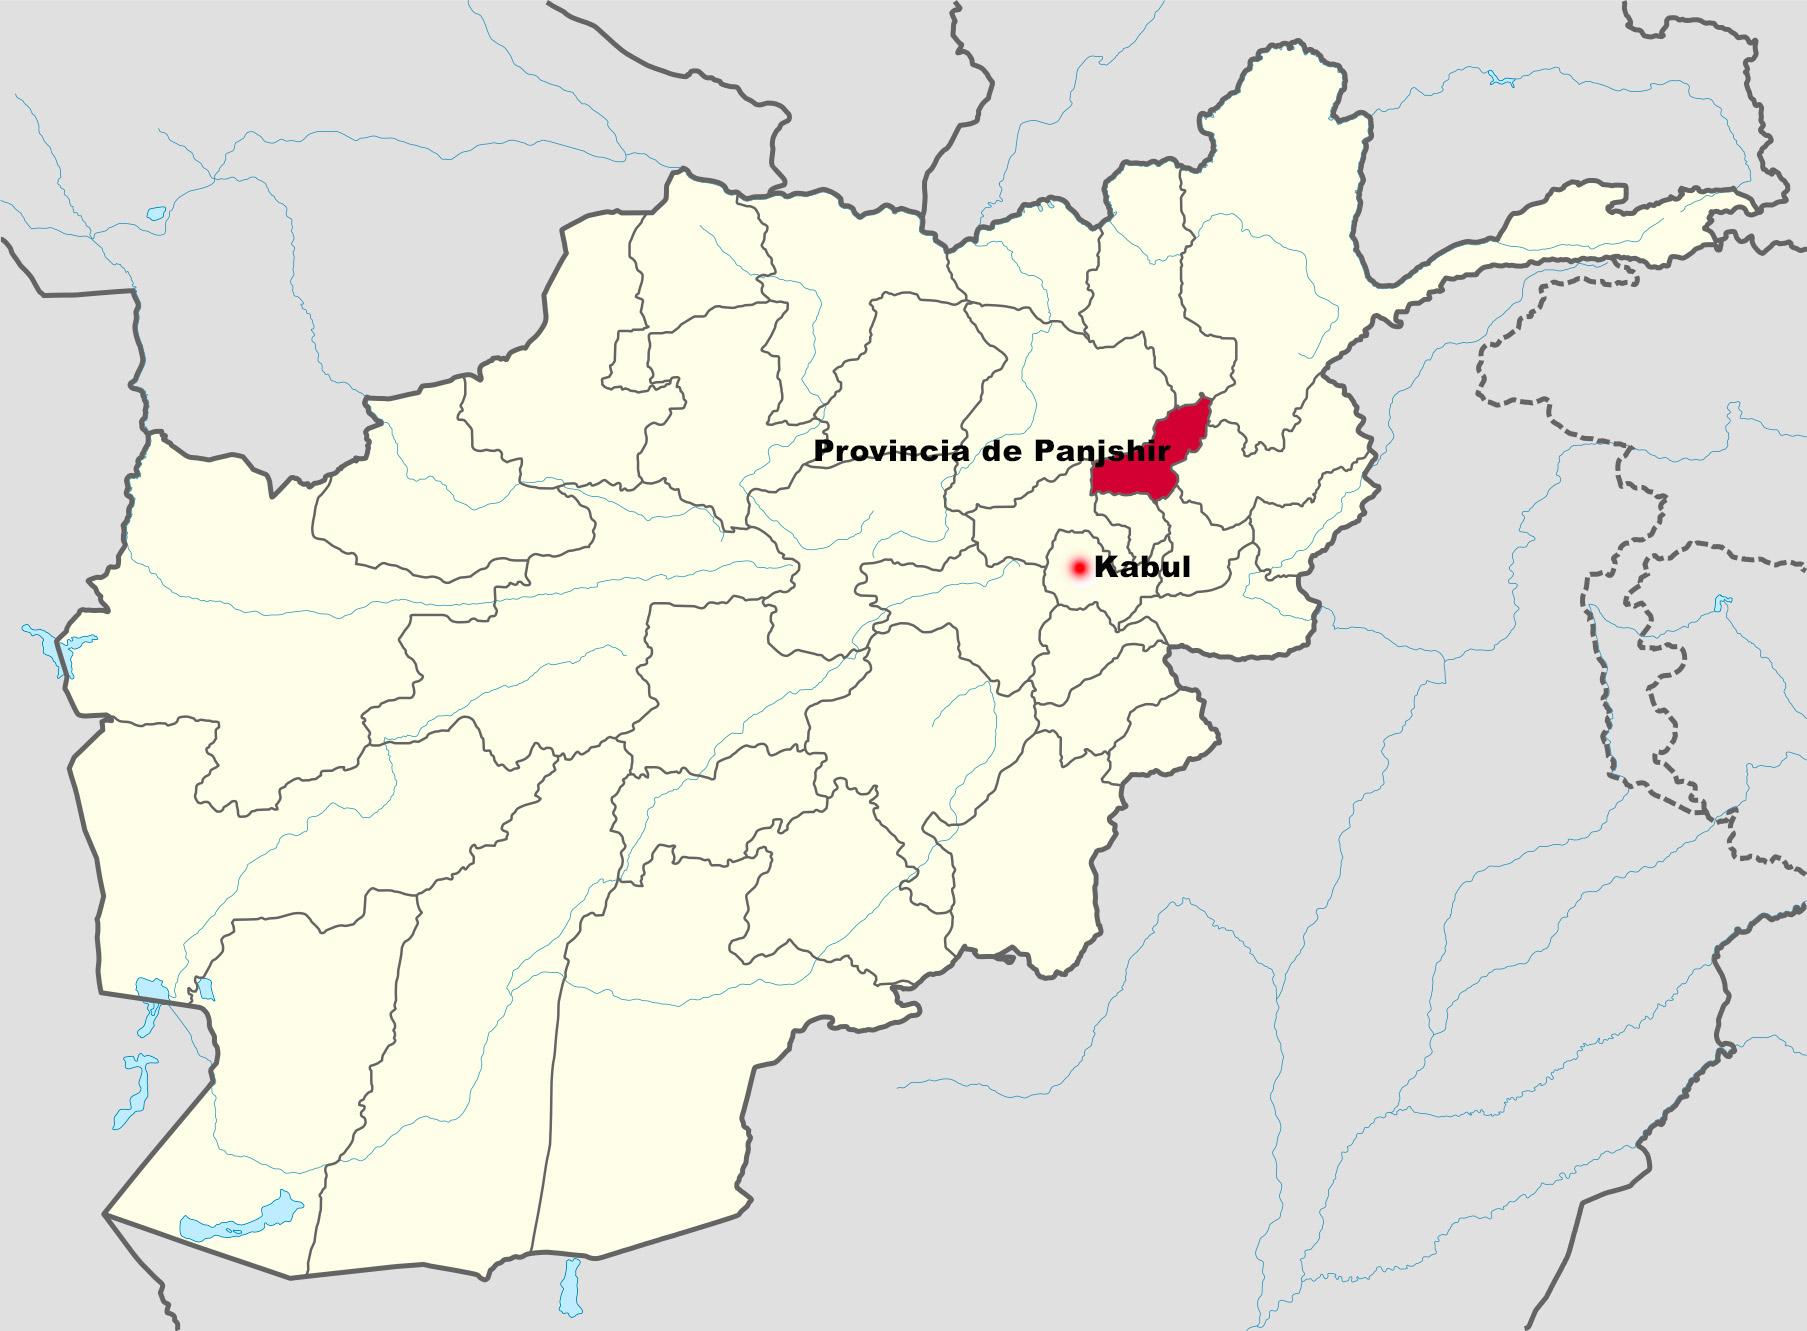 """El ex vicepresidente afgano y un señor de la guerra lanzan la """"Resistencia""""  antitalibán en el valle de Panjshir - Libertad Digital"""